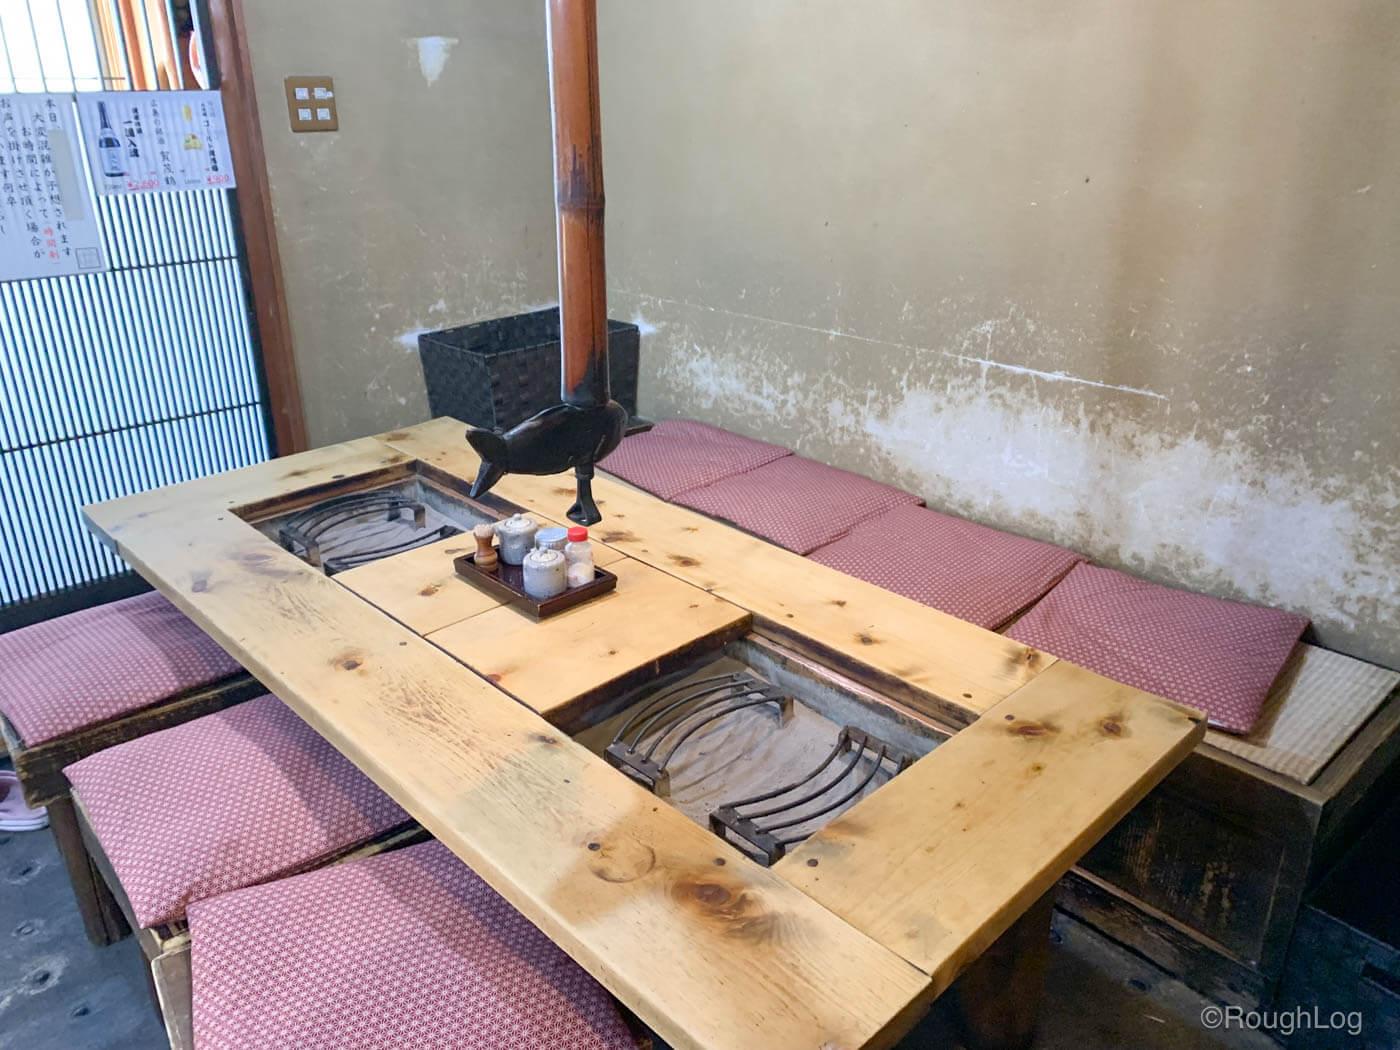 囲炉茶屋1階には、いろりテーブル席(18席)と、いろりお座敷(36席)が並んでいます